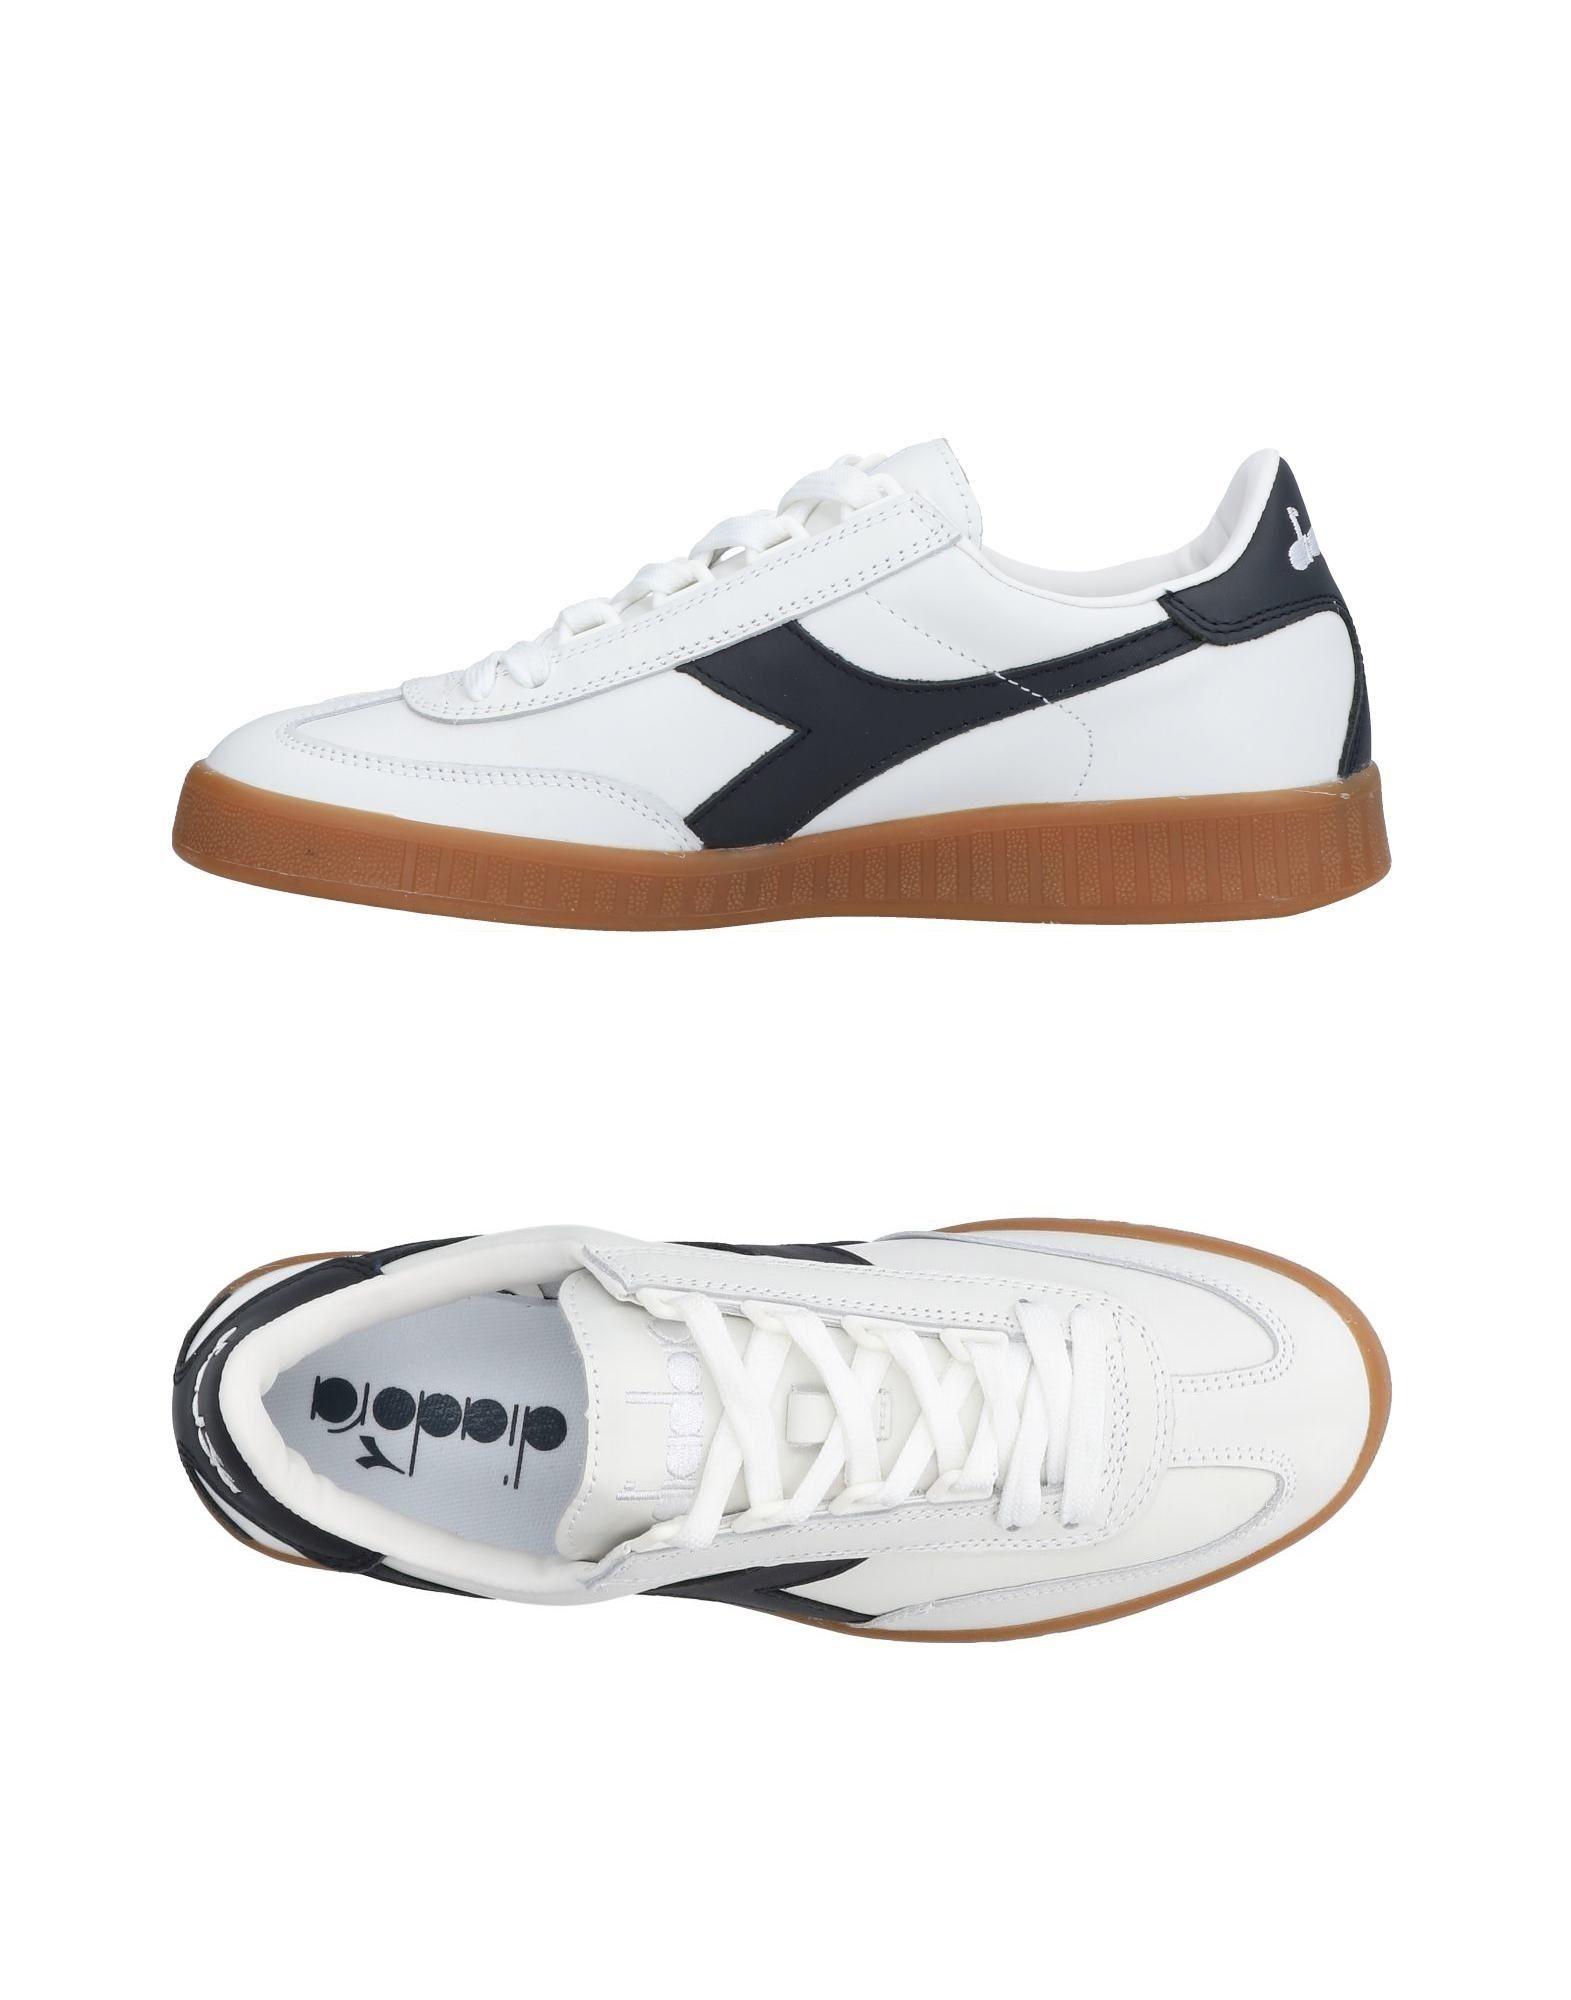 Diadora on Sneakers - Men Diadora Sneakers online on Diadora  Canada - 11486555PV 8c94d6